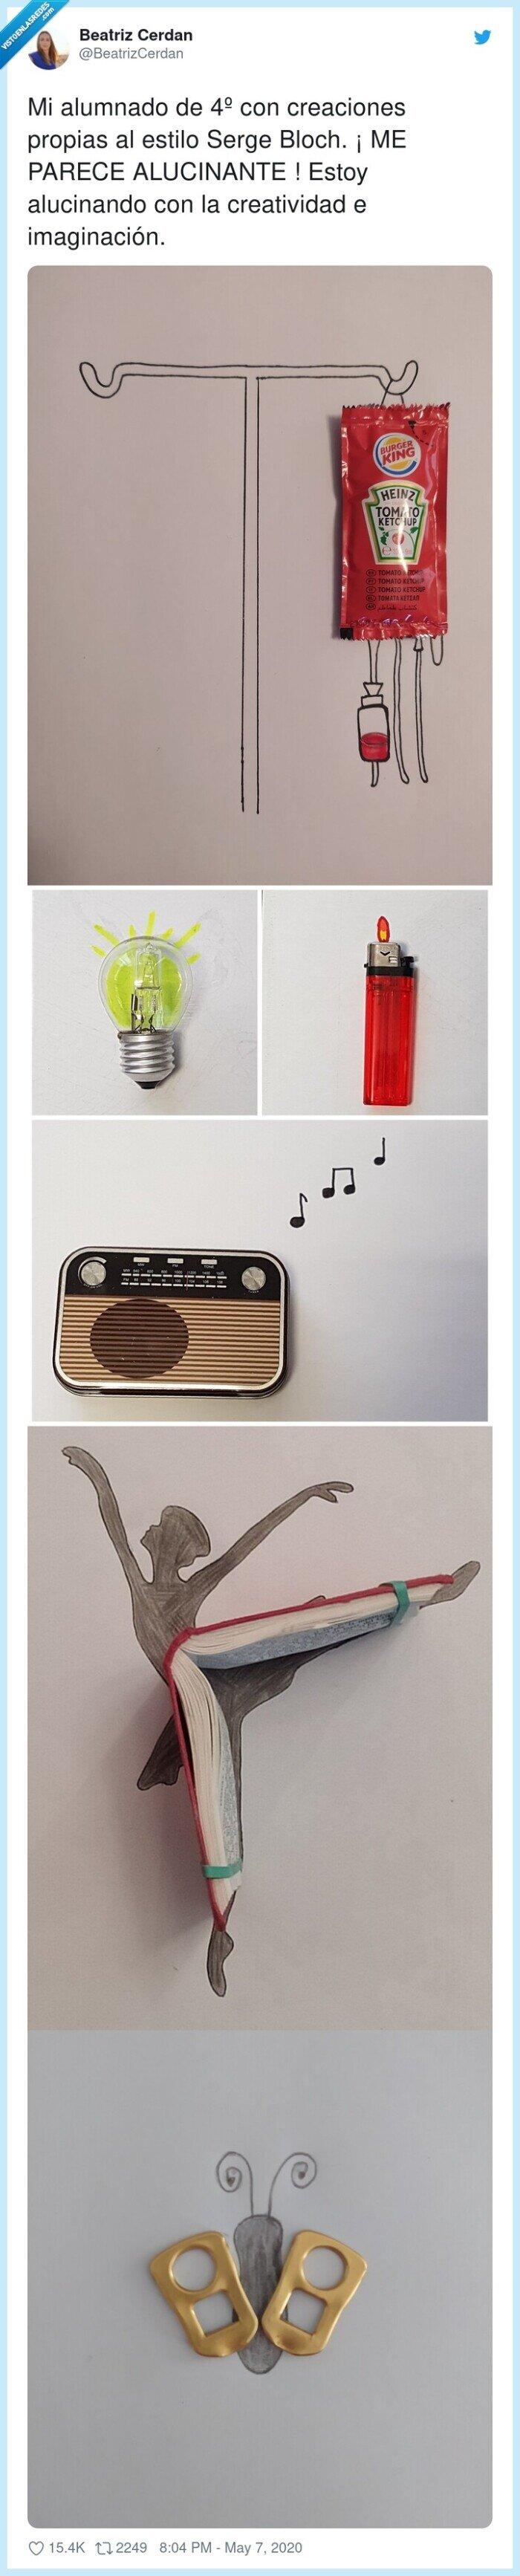 alucinando,alucinante,alumnado,creaciones,creatividad,imaginación